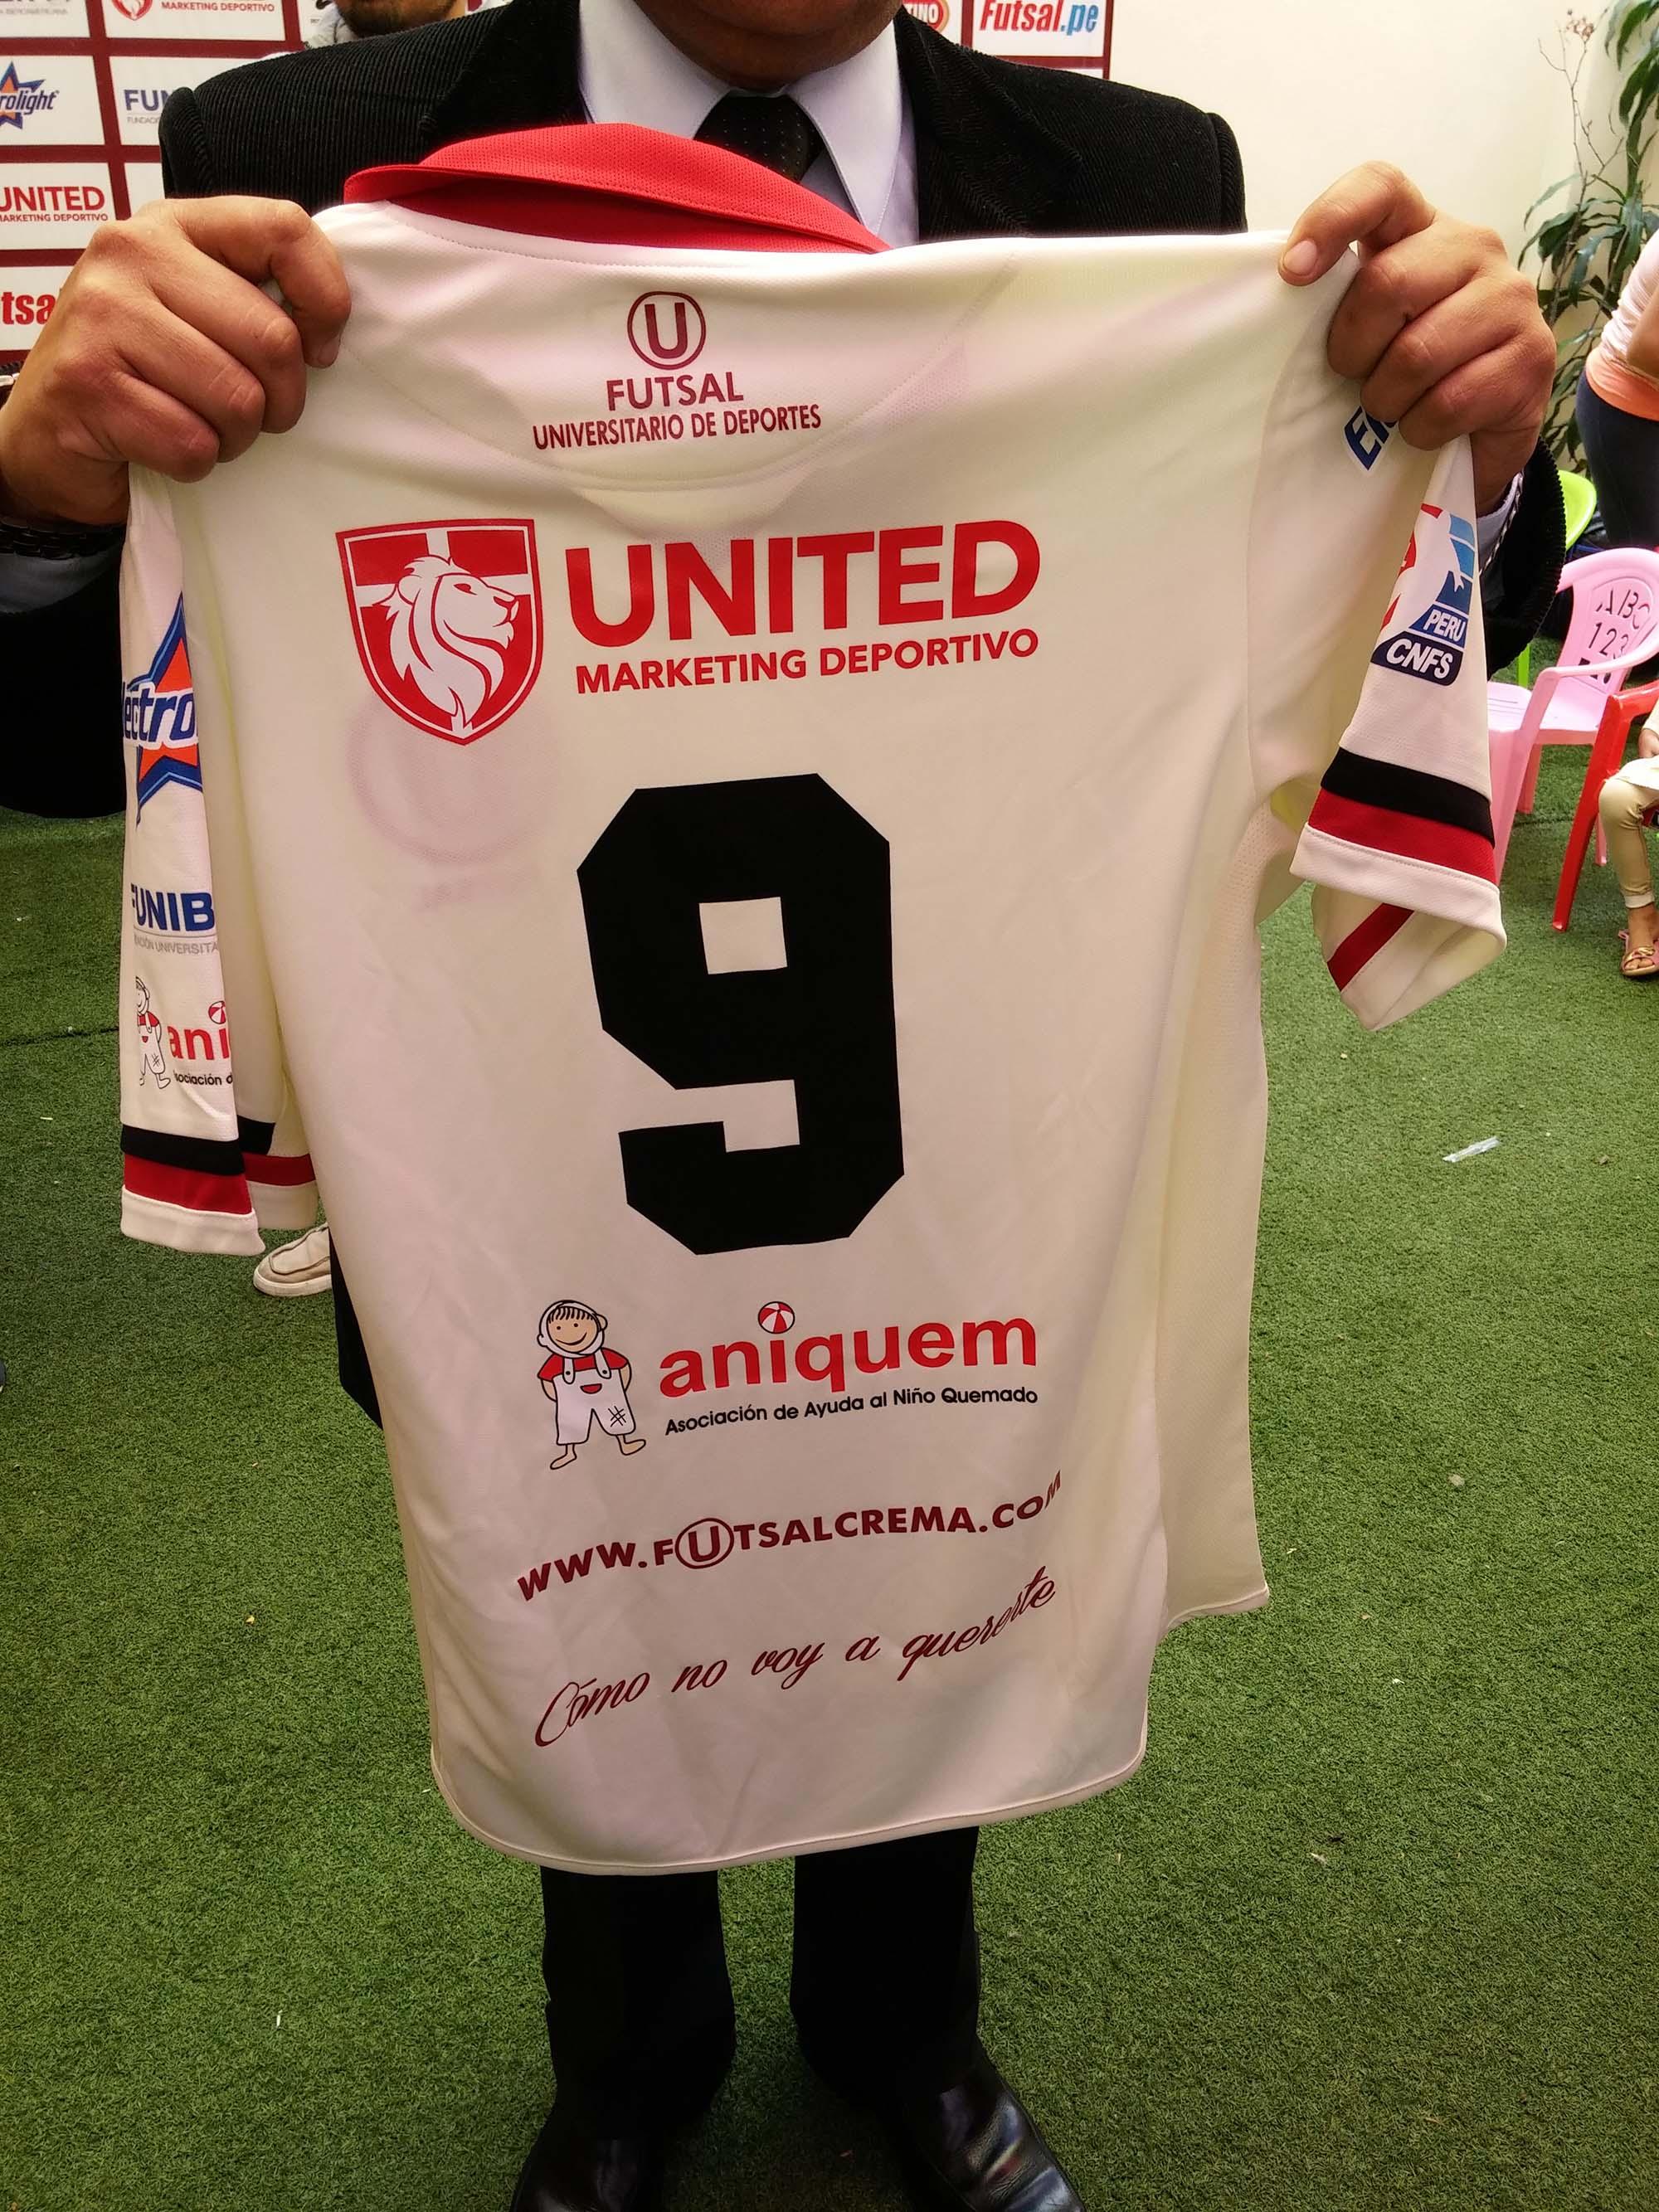 FUNIBER colabora con la campaña solidaria de ANIQUEM con el Club Universitario de Deportes